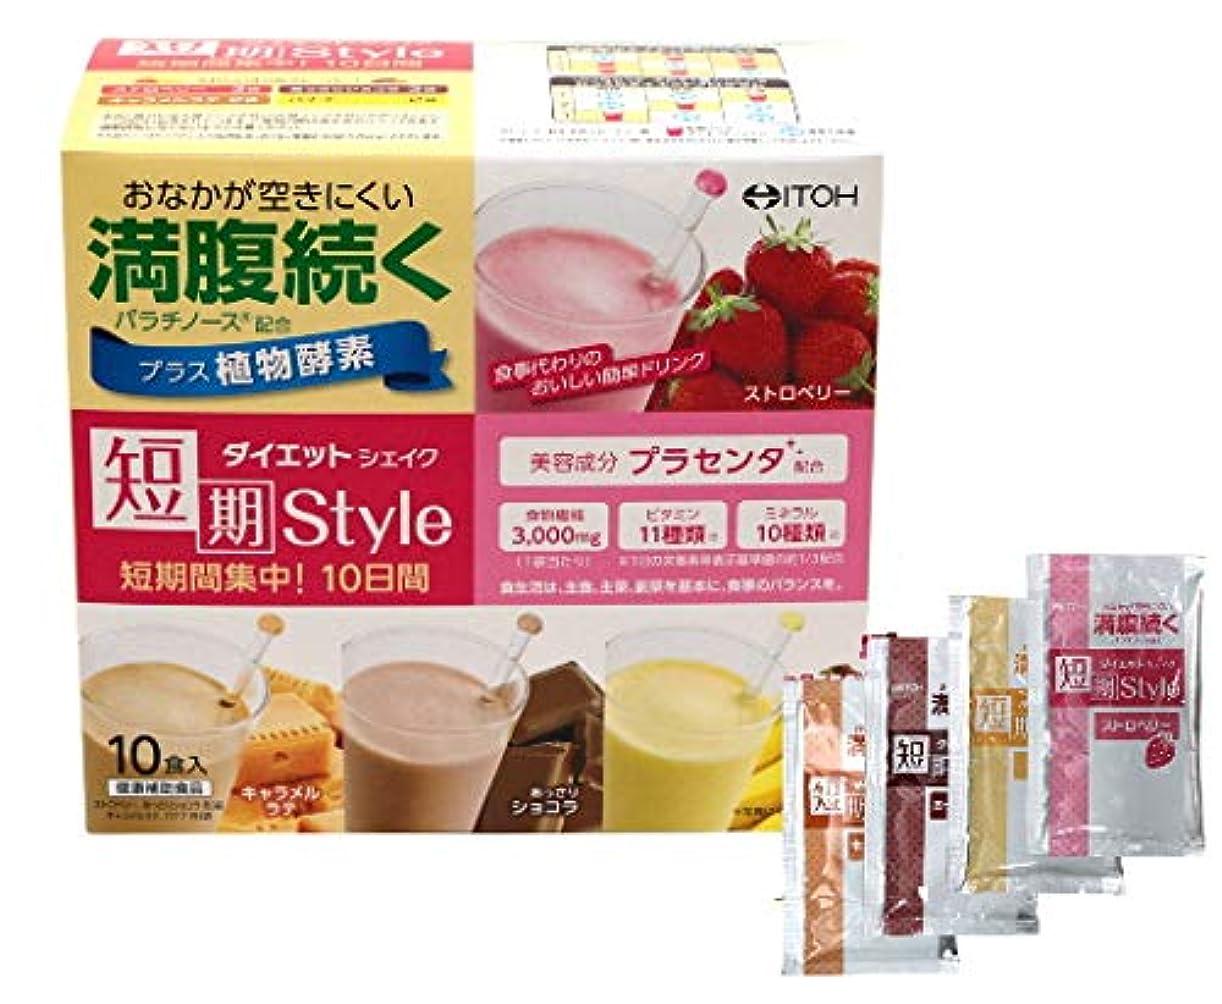 書き出す地域ペダル井藤漢方 短期スタイル ダイエットシェイク(25g×10袋)2個セット